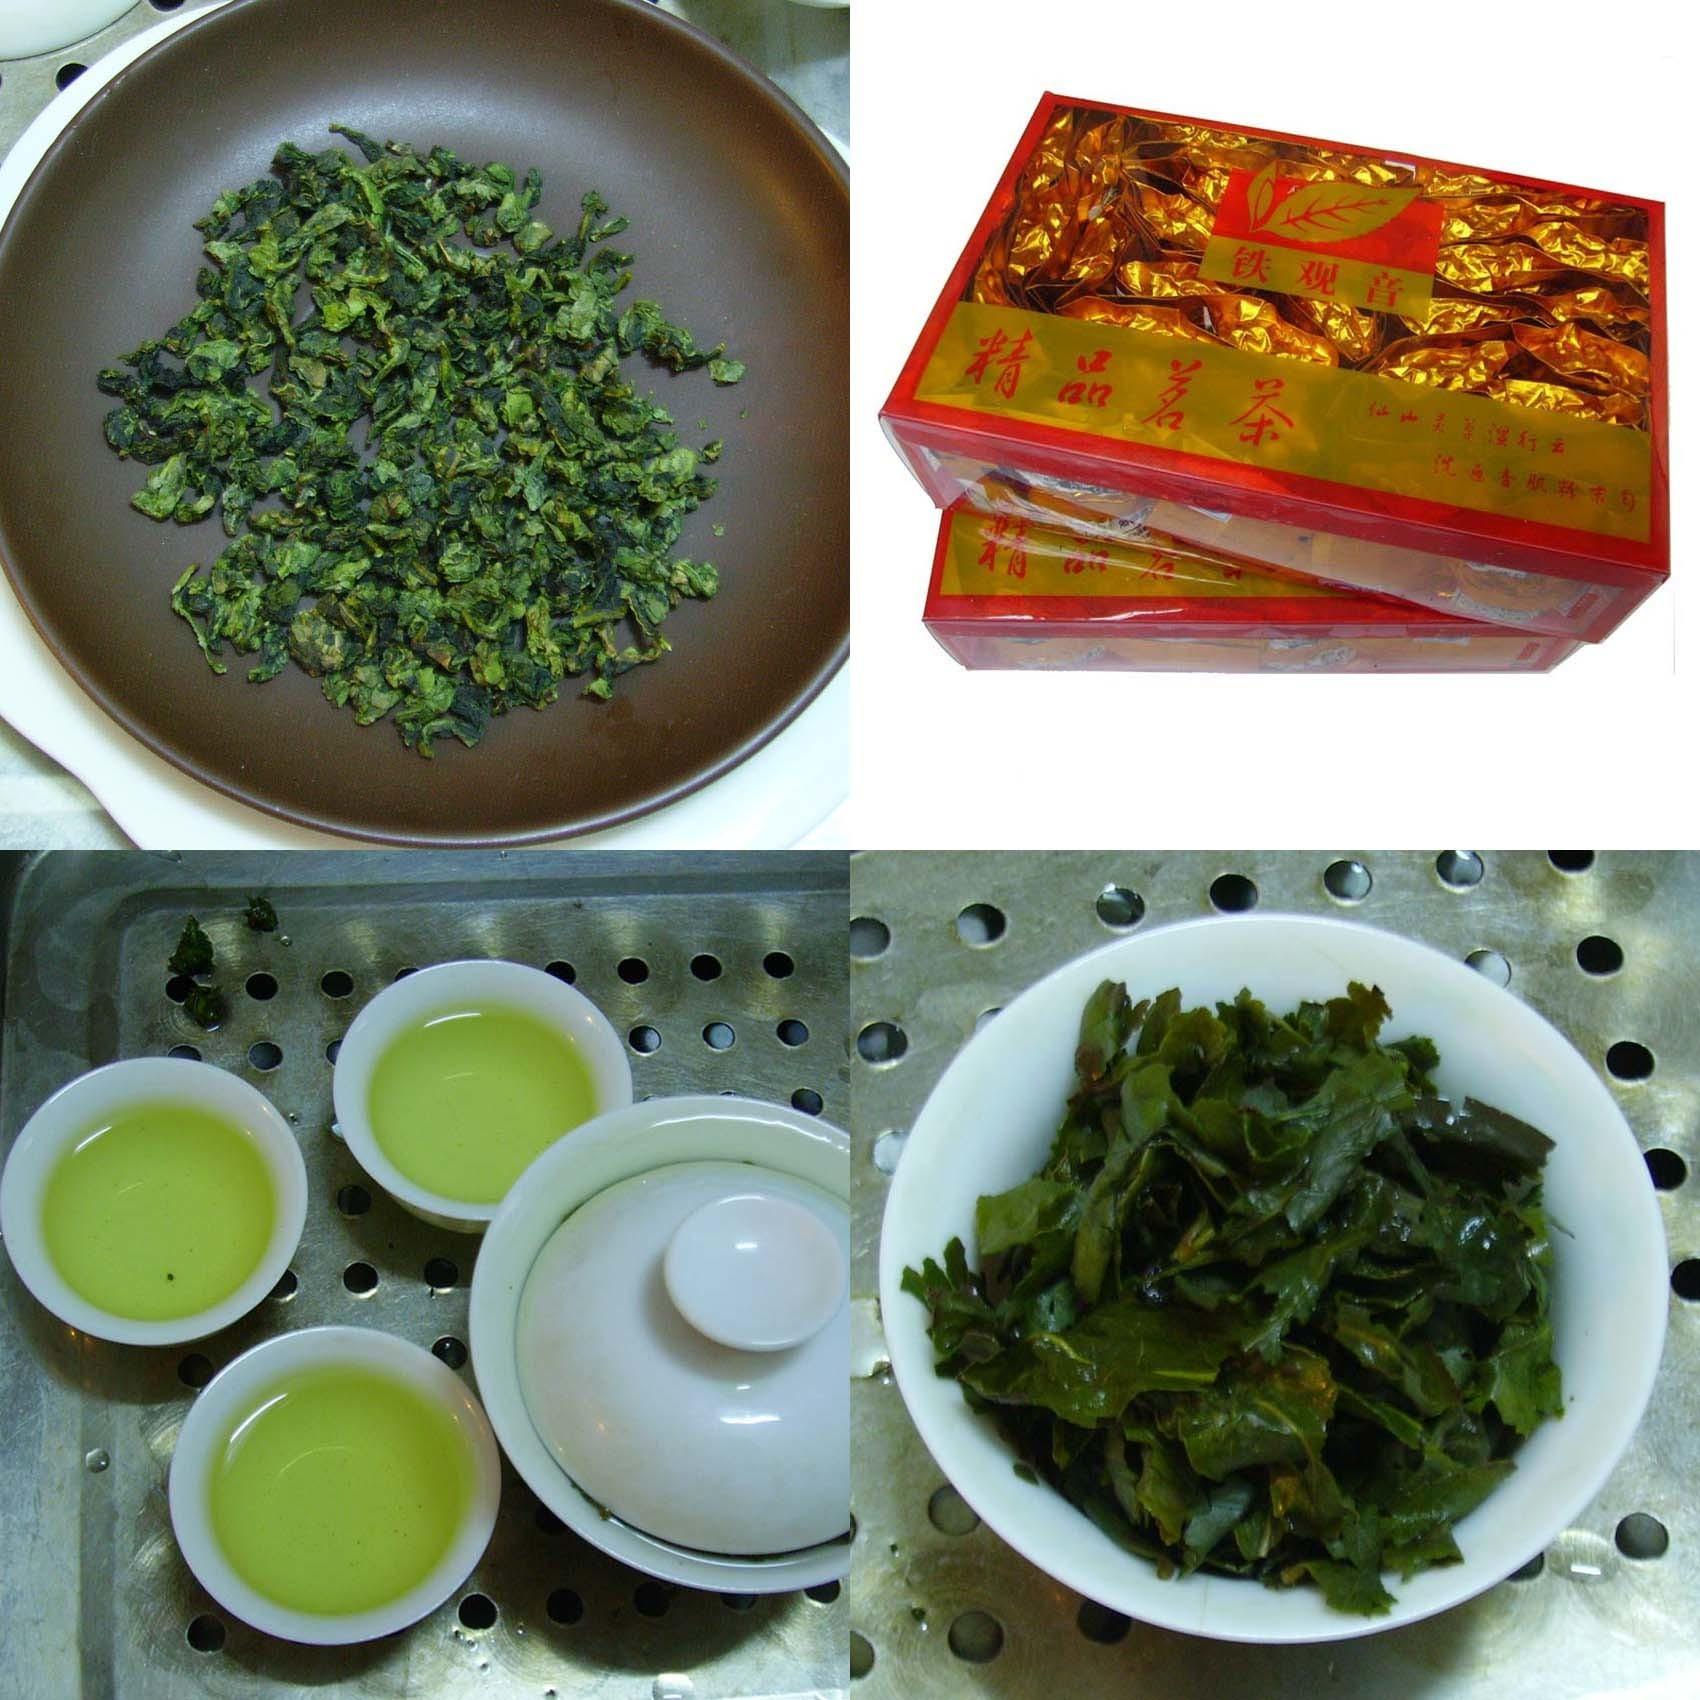 如何鉴别好的铁观音茶?